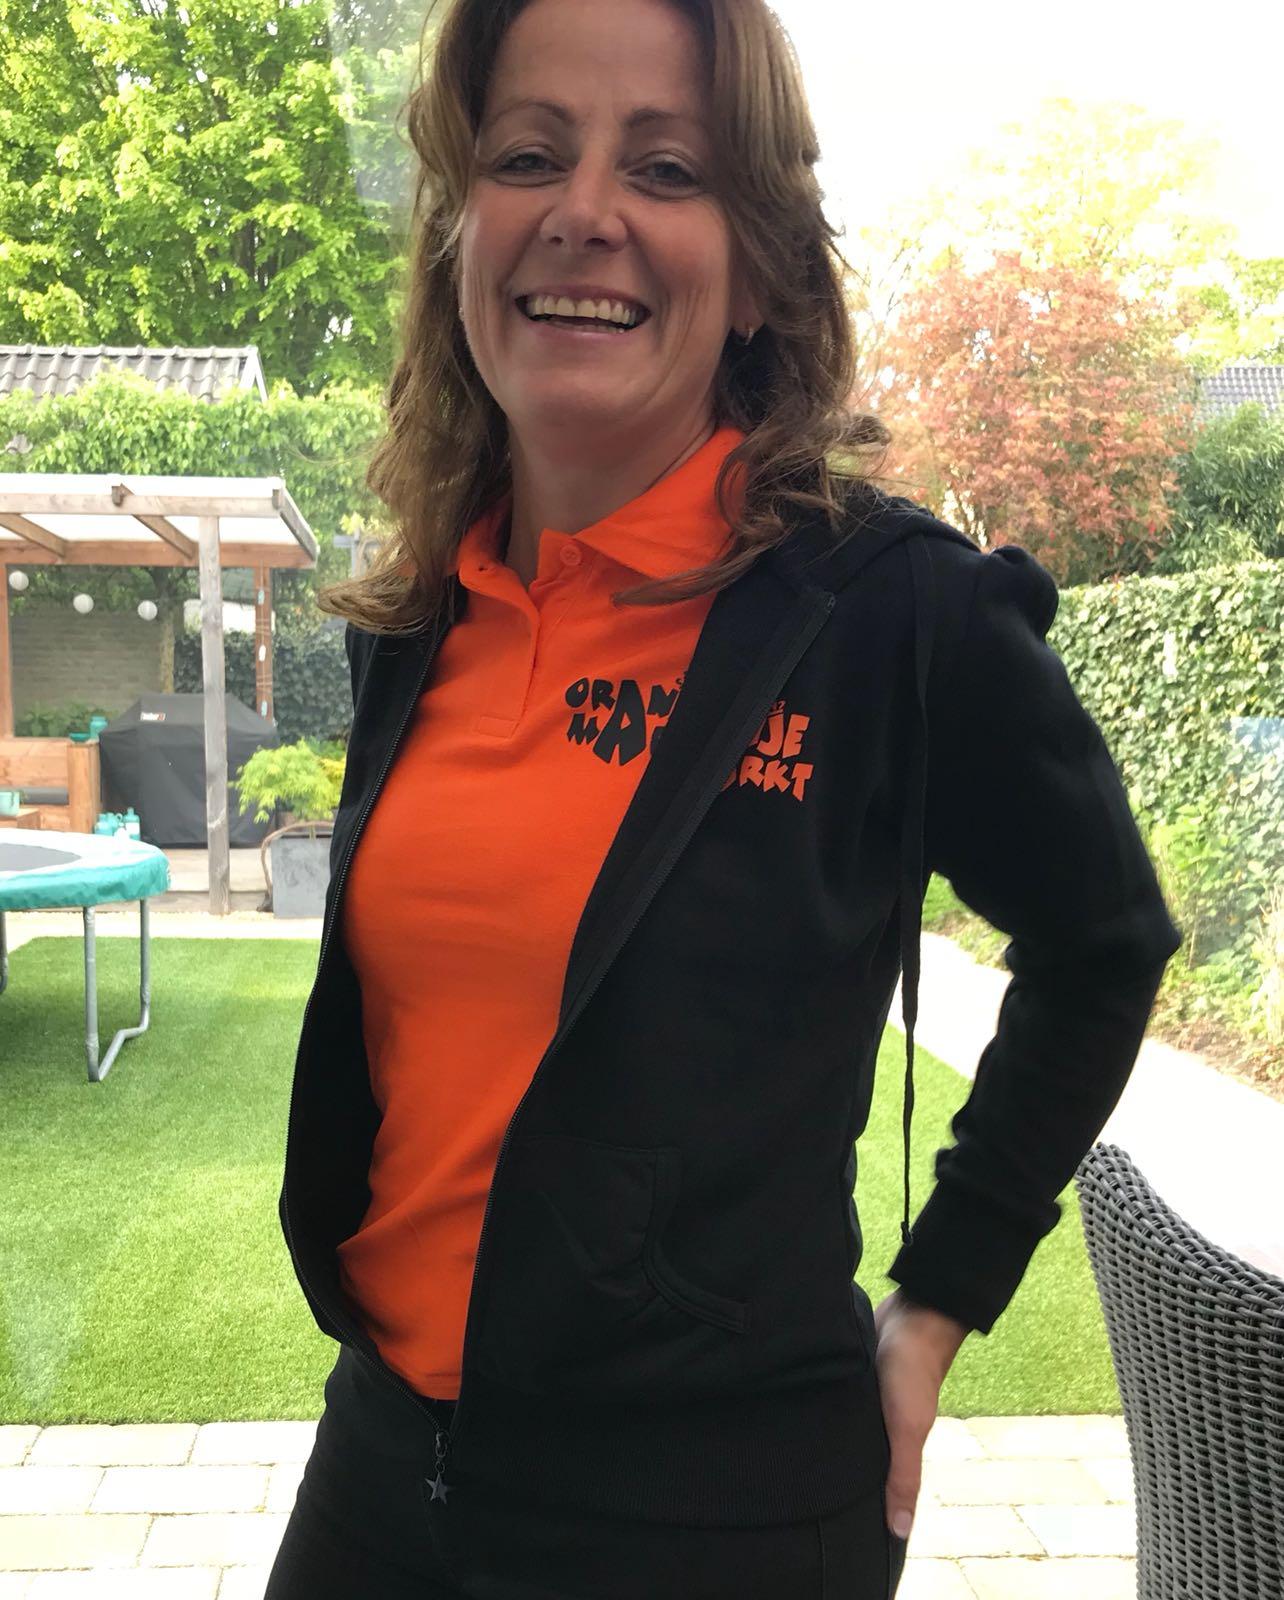 Lees hier het interview met Kristel Gijsbers-Voets in de Rundgraver, al 7 jaar trotse voorzitter van de Oranjemarkt Veldhoven